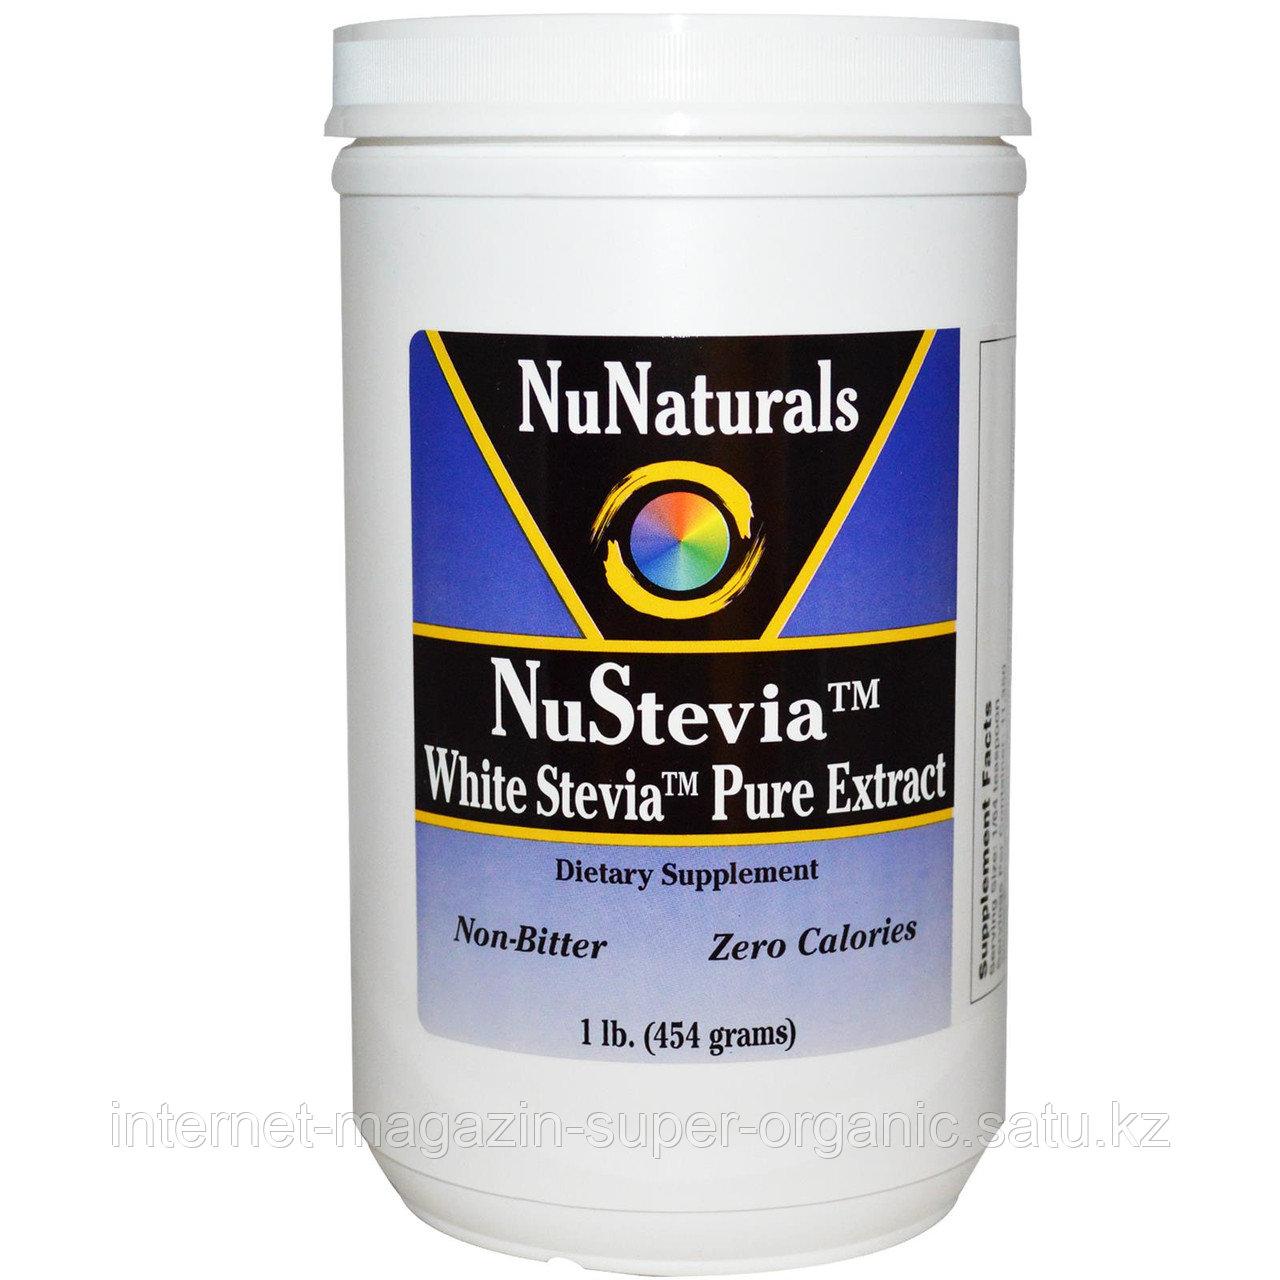 Стевия 100%, без добавок и наполнителей, экстракт в порошке, 454 г, NuNaturals, банка